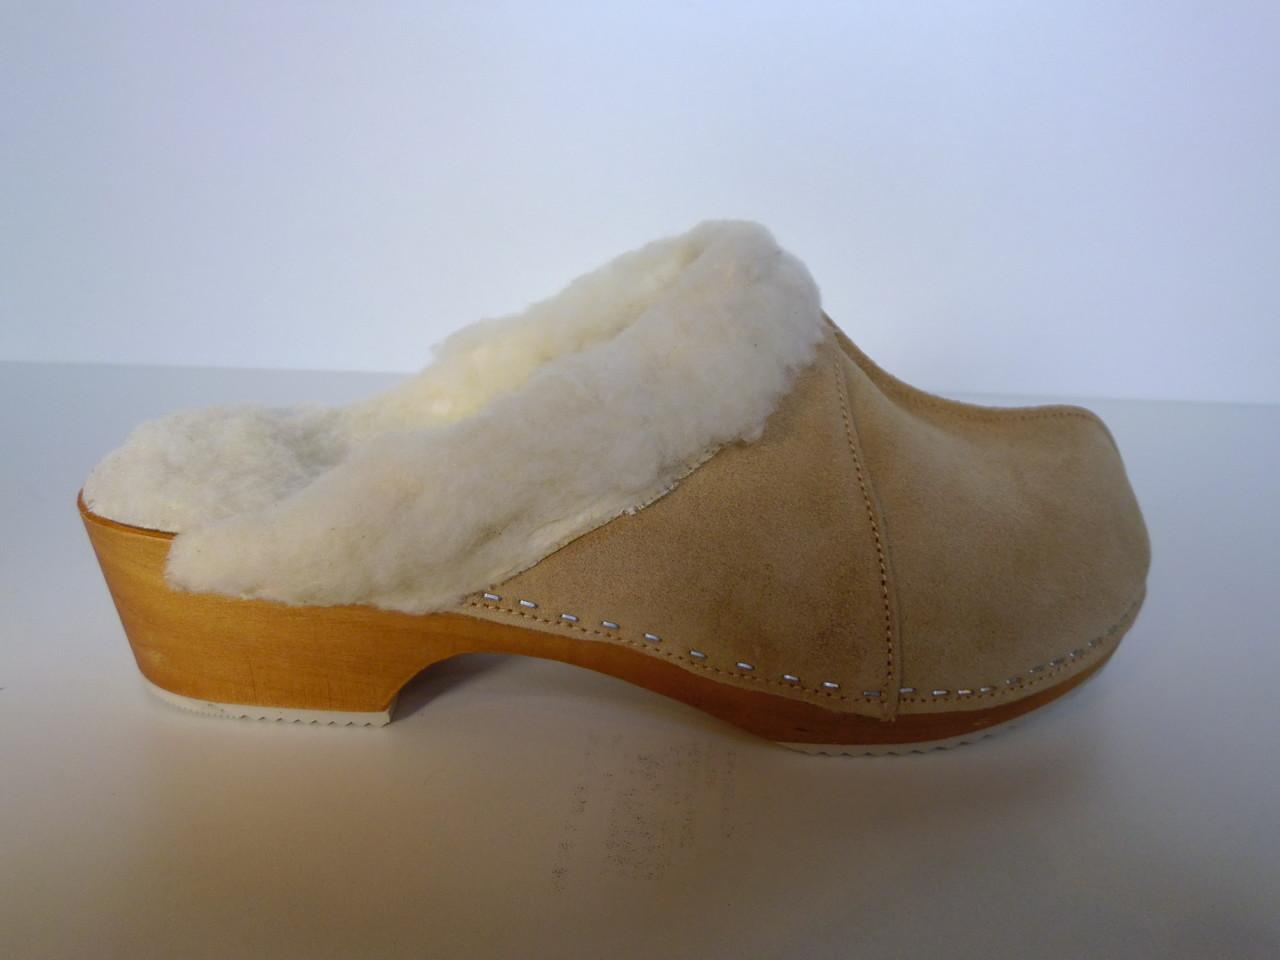 Sabots femme en cuir et sabots fourrés Les chaussons d'Alicia Boutigne en ligne de chaussons  # Sabot En Bois Pour Femme